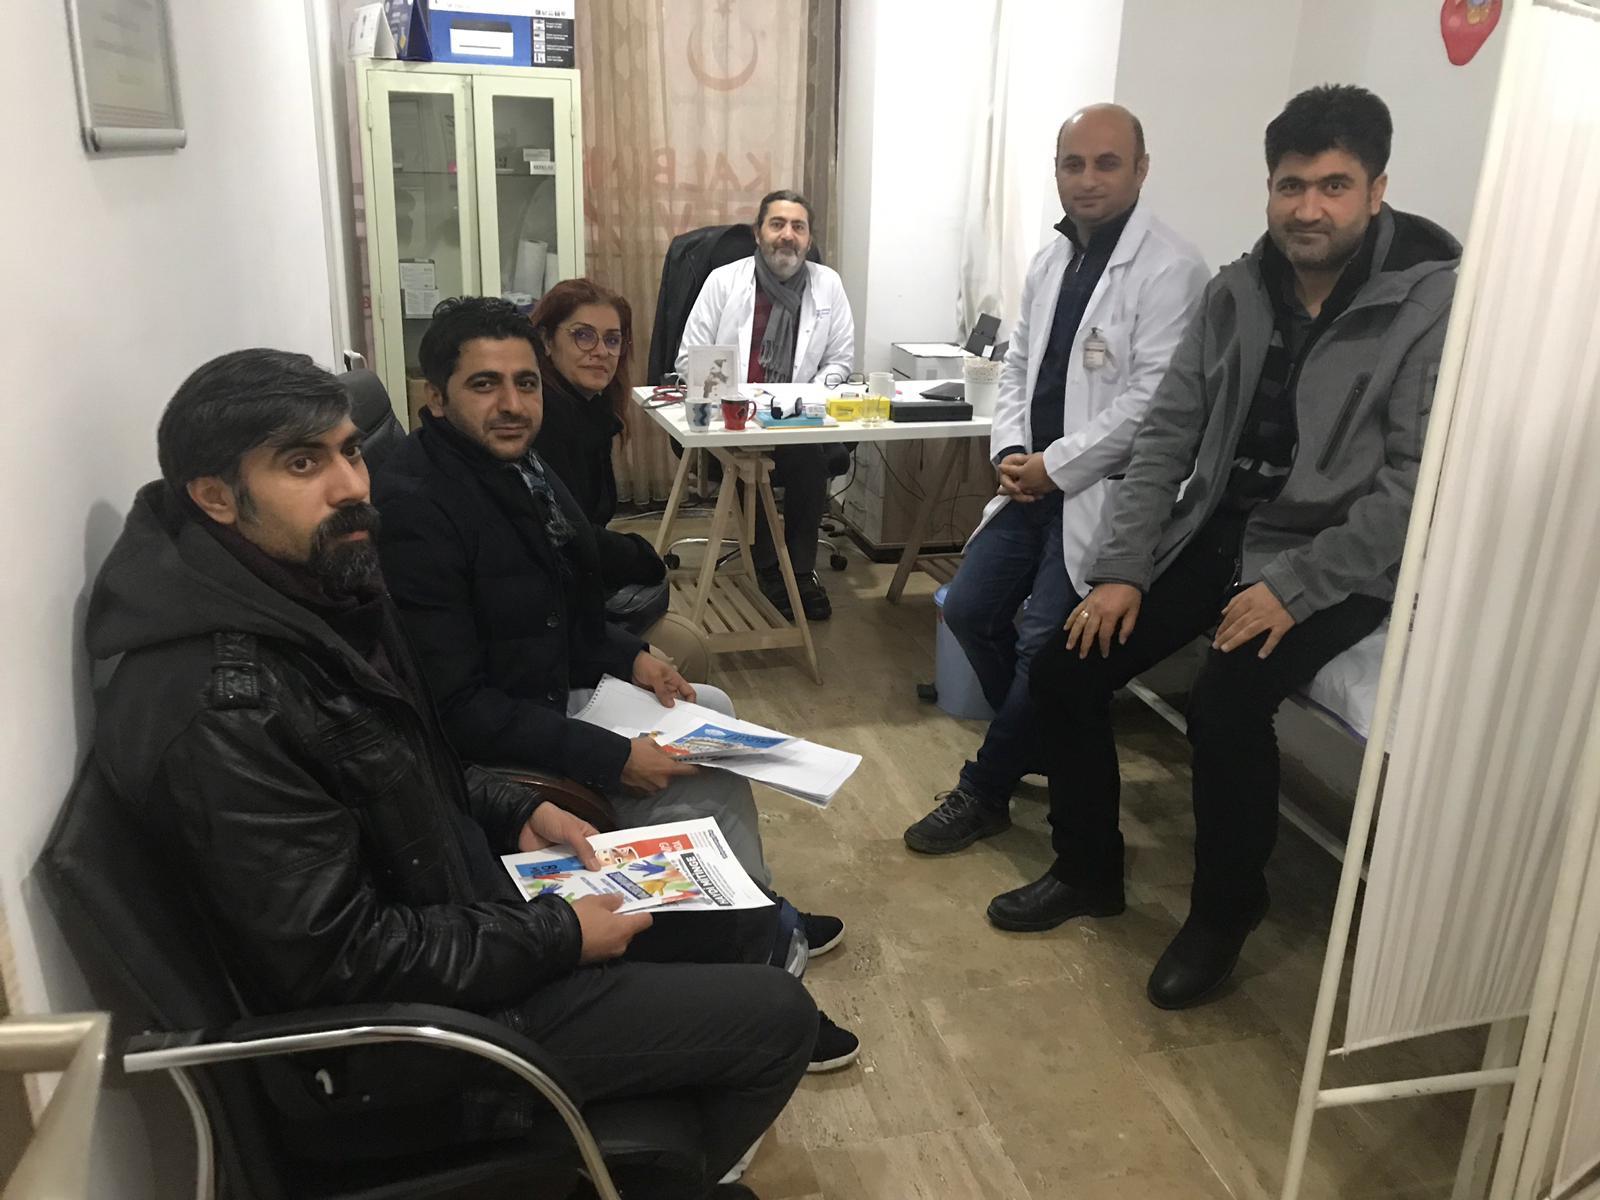 16 Aralık Diyarbakır Bölge Mitingi İçin Mardin'de Çalışmalar Devam Ediyor